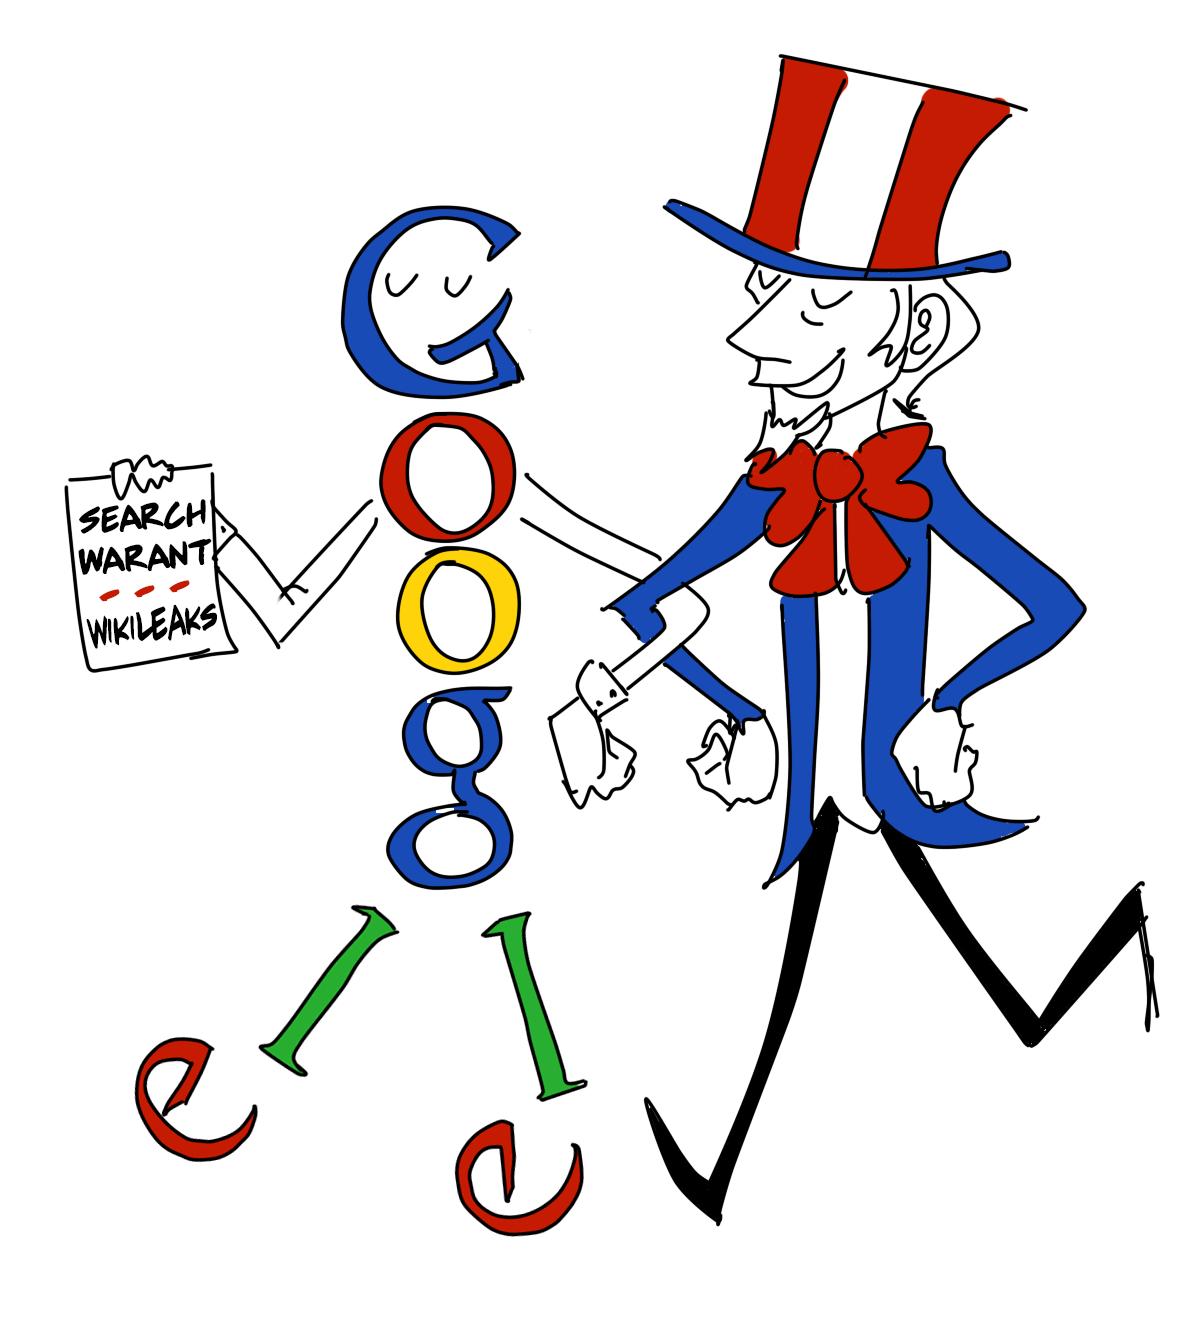 Mit einem Cartoon kritisiert Wikileaks das Vorgehen von Google.